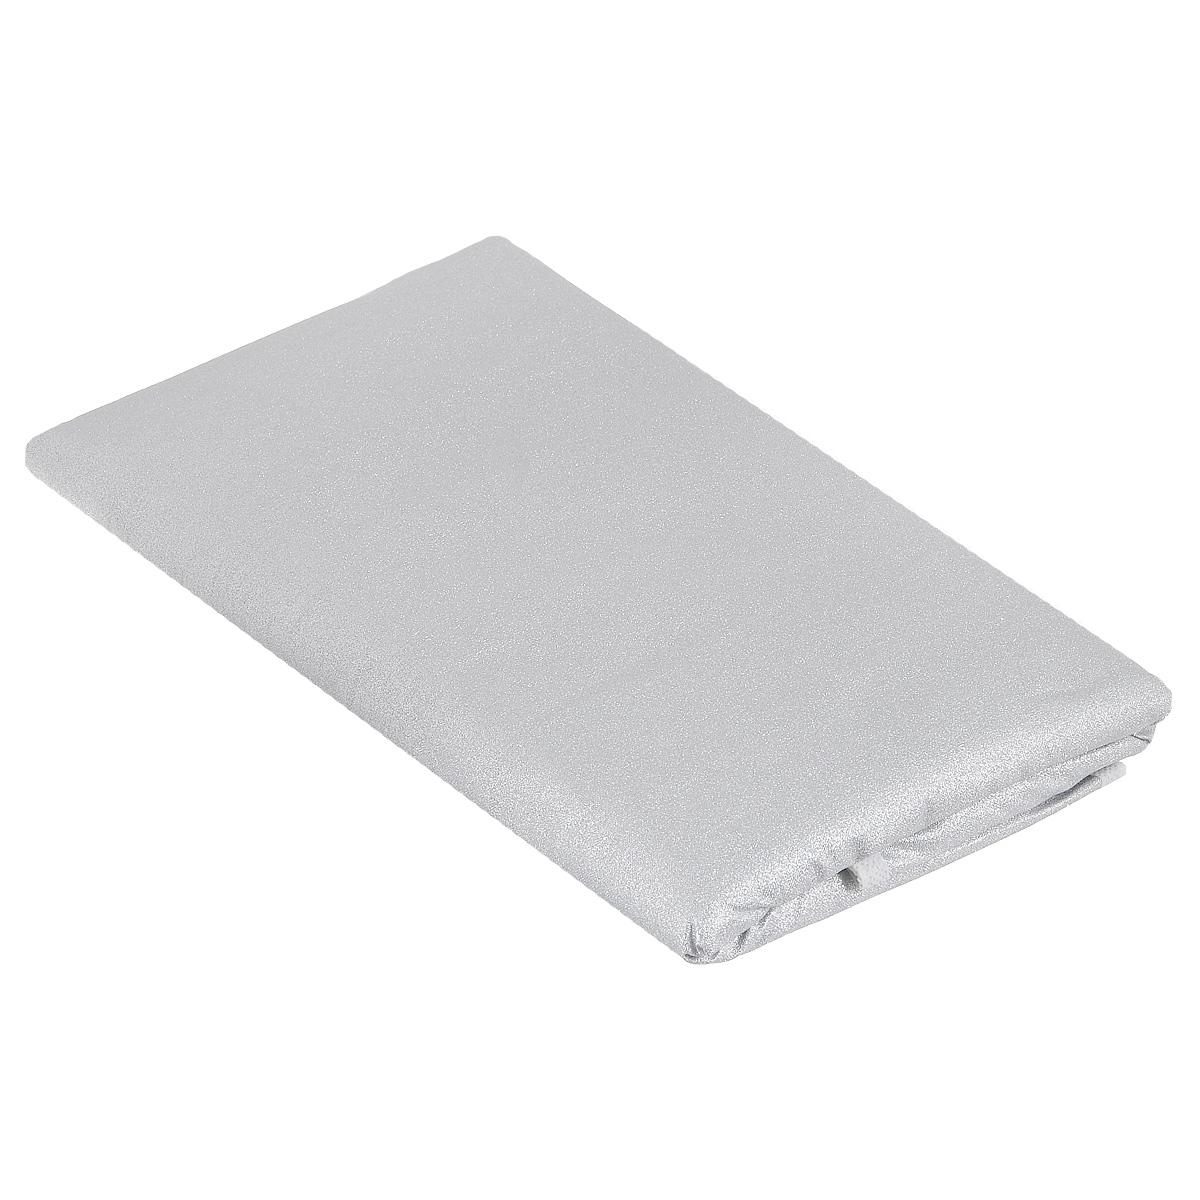 Чехол для гладильной доски Eva, цвет: серебристый, 156 х 53 смGC013/00Чехол для гладильной доски Eva выполнен из хлопчатобумажной ткани с термостойким тефлоновым покрытием и поролоновой подкладкой. Чехол предназначен для защиты или замены изношенного покрытия гладильной доски. Благодаря удобной системе фиксации легко крепится к гладильной доске. Этот качественный чехол обеспечит вам легкое глажение. Размер чехла: 156 см x 53 см. Размер доски, для которой предназначен чехол: 148 см x 46 см.